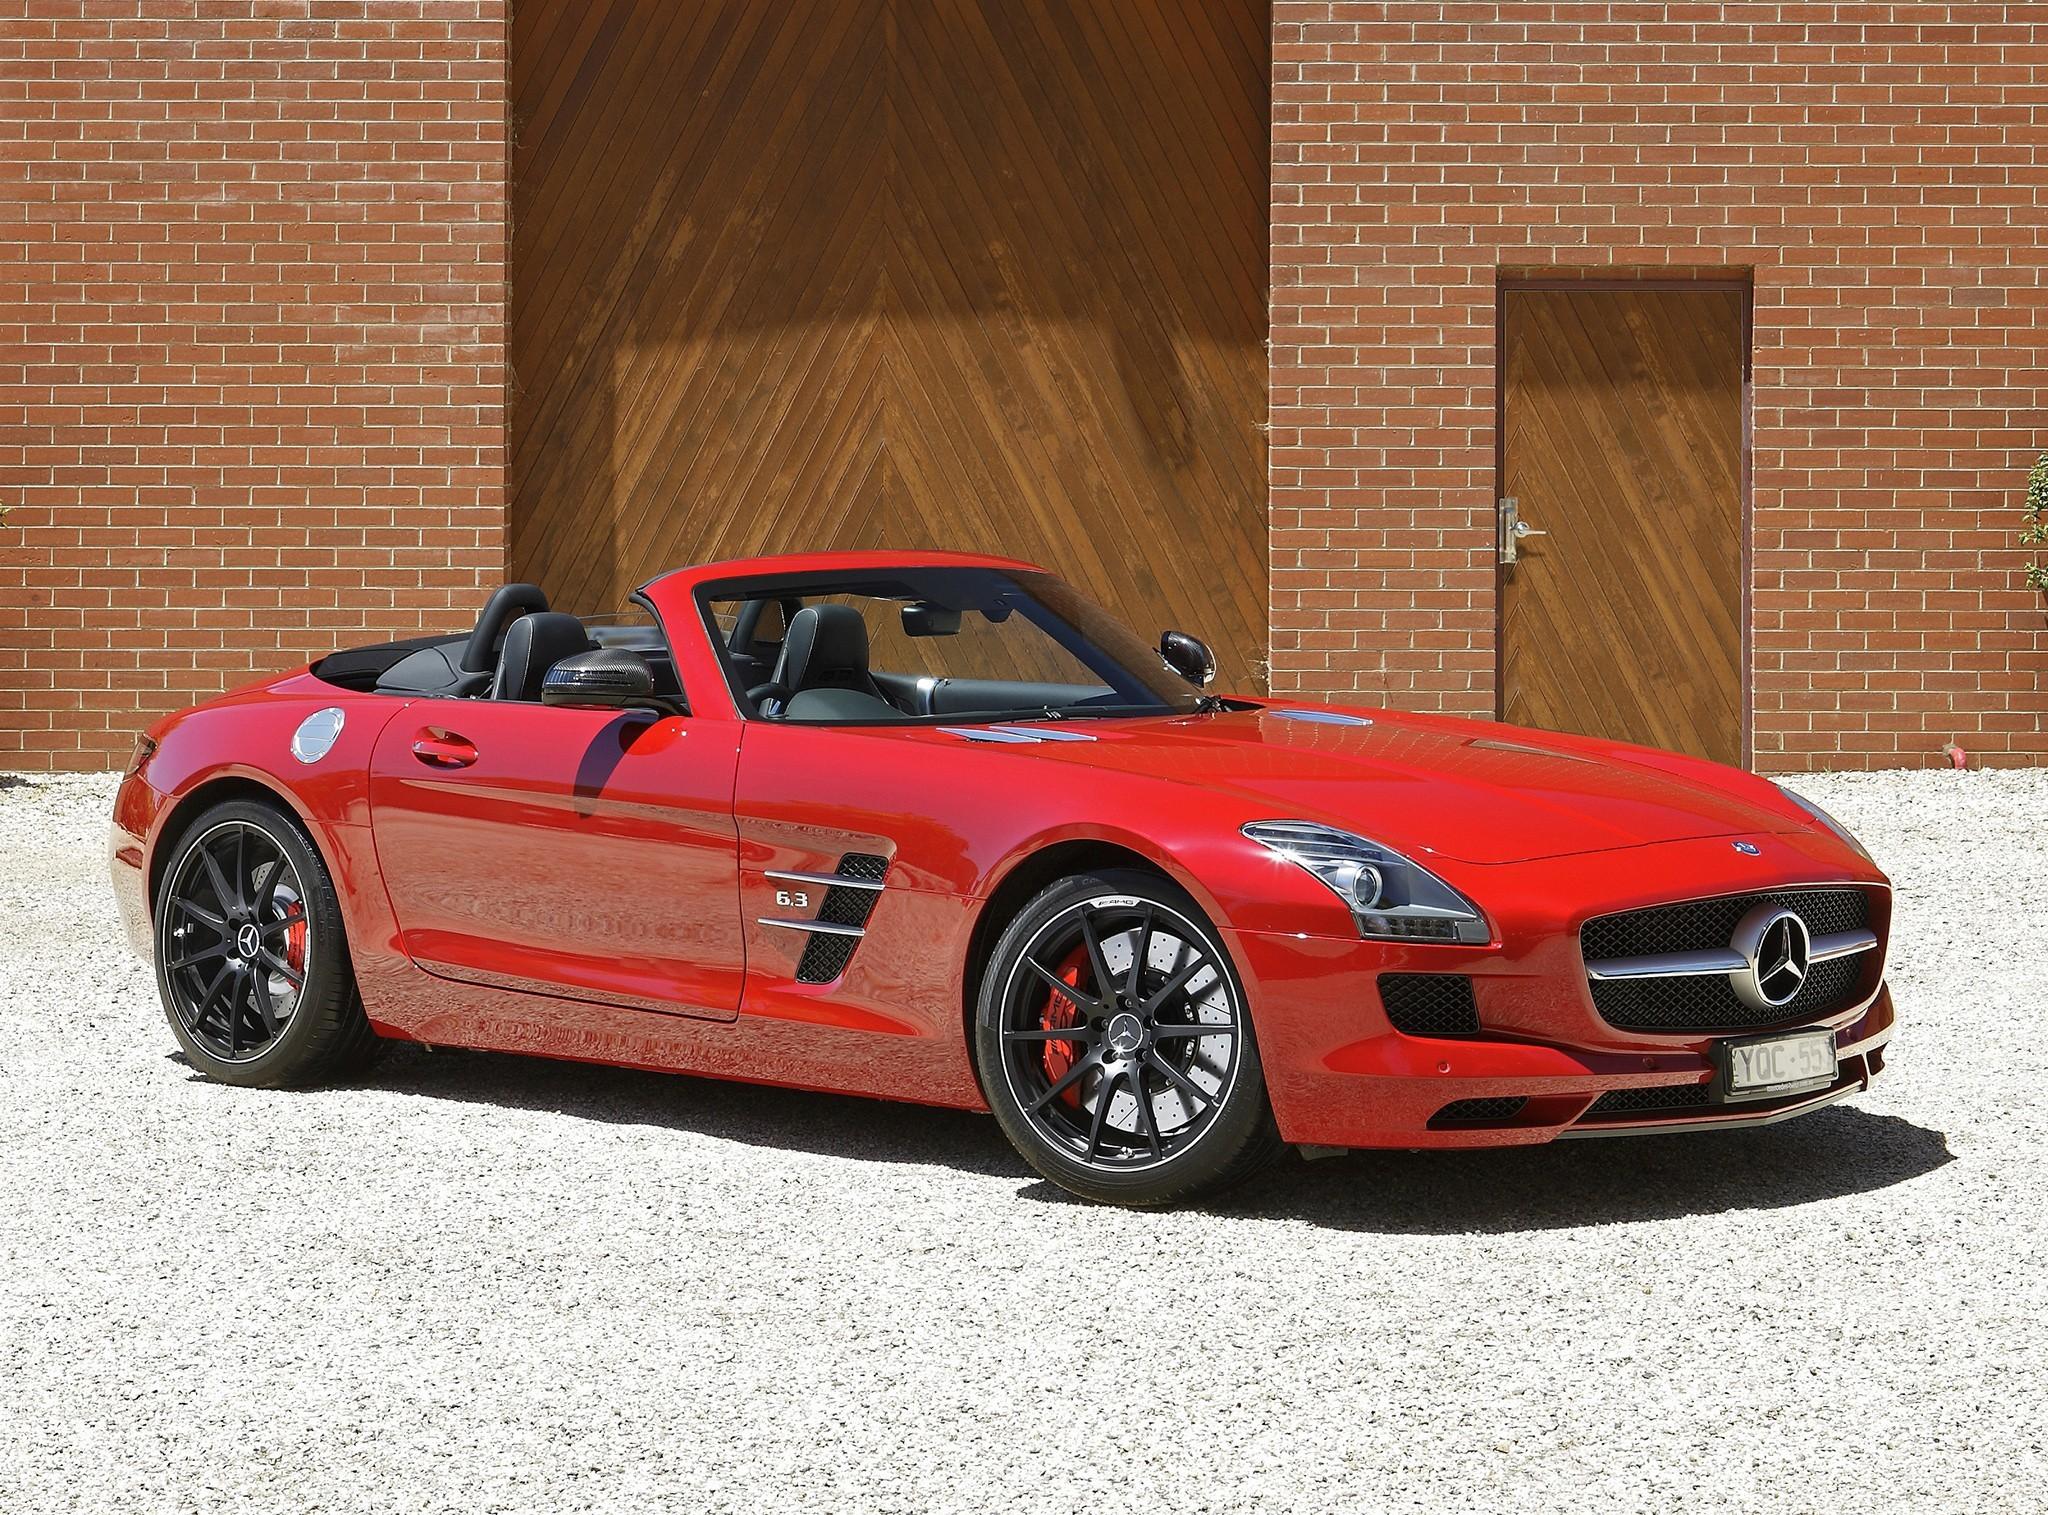 Mercedes benz sls amg full hd wallpaper and background for Mercedes benz sls amg red